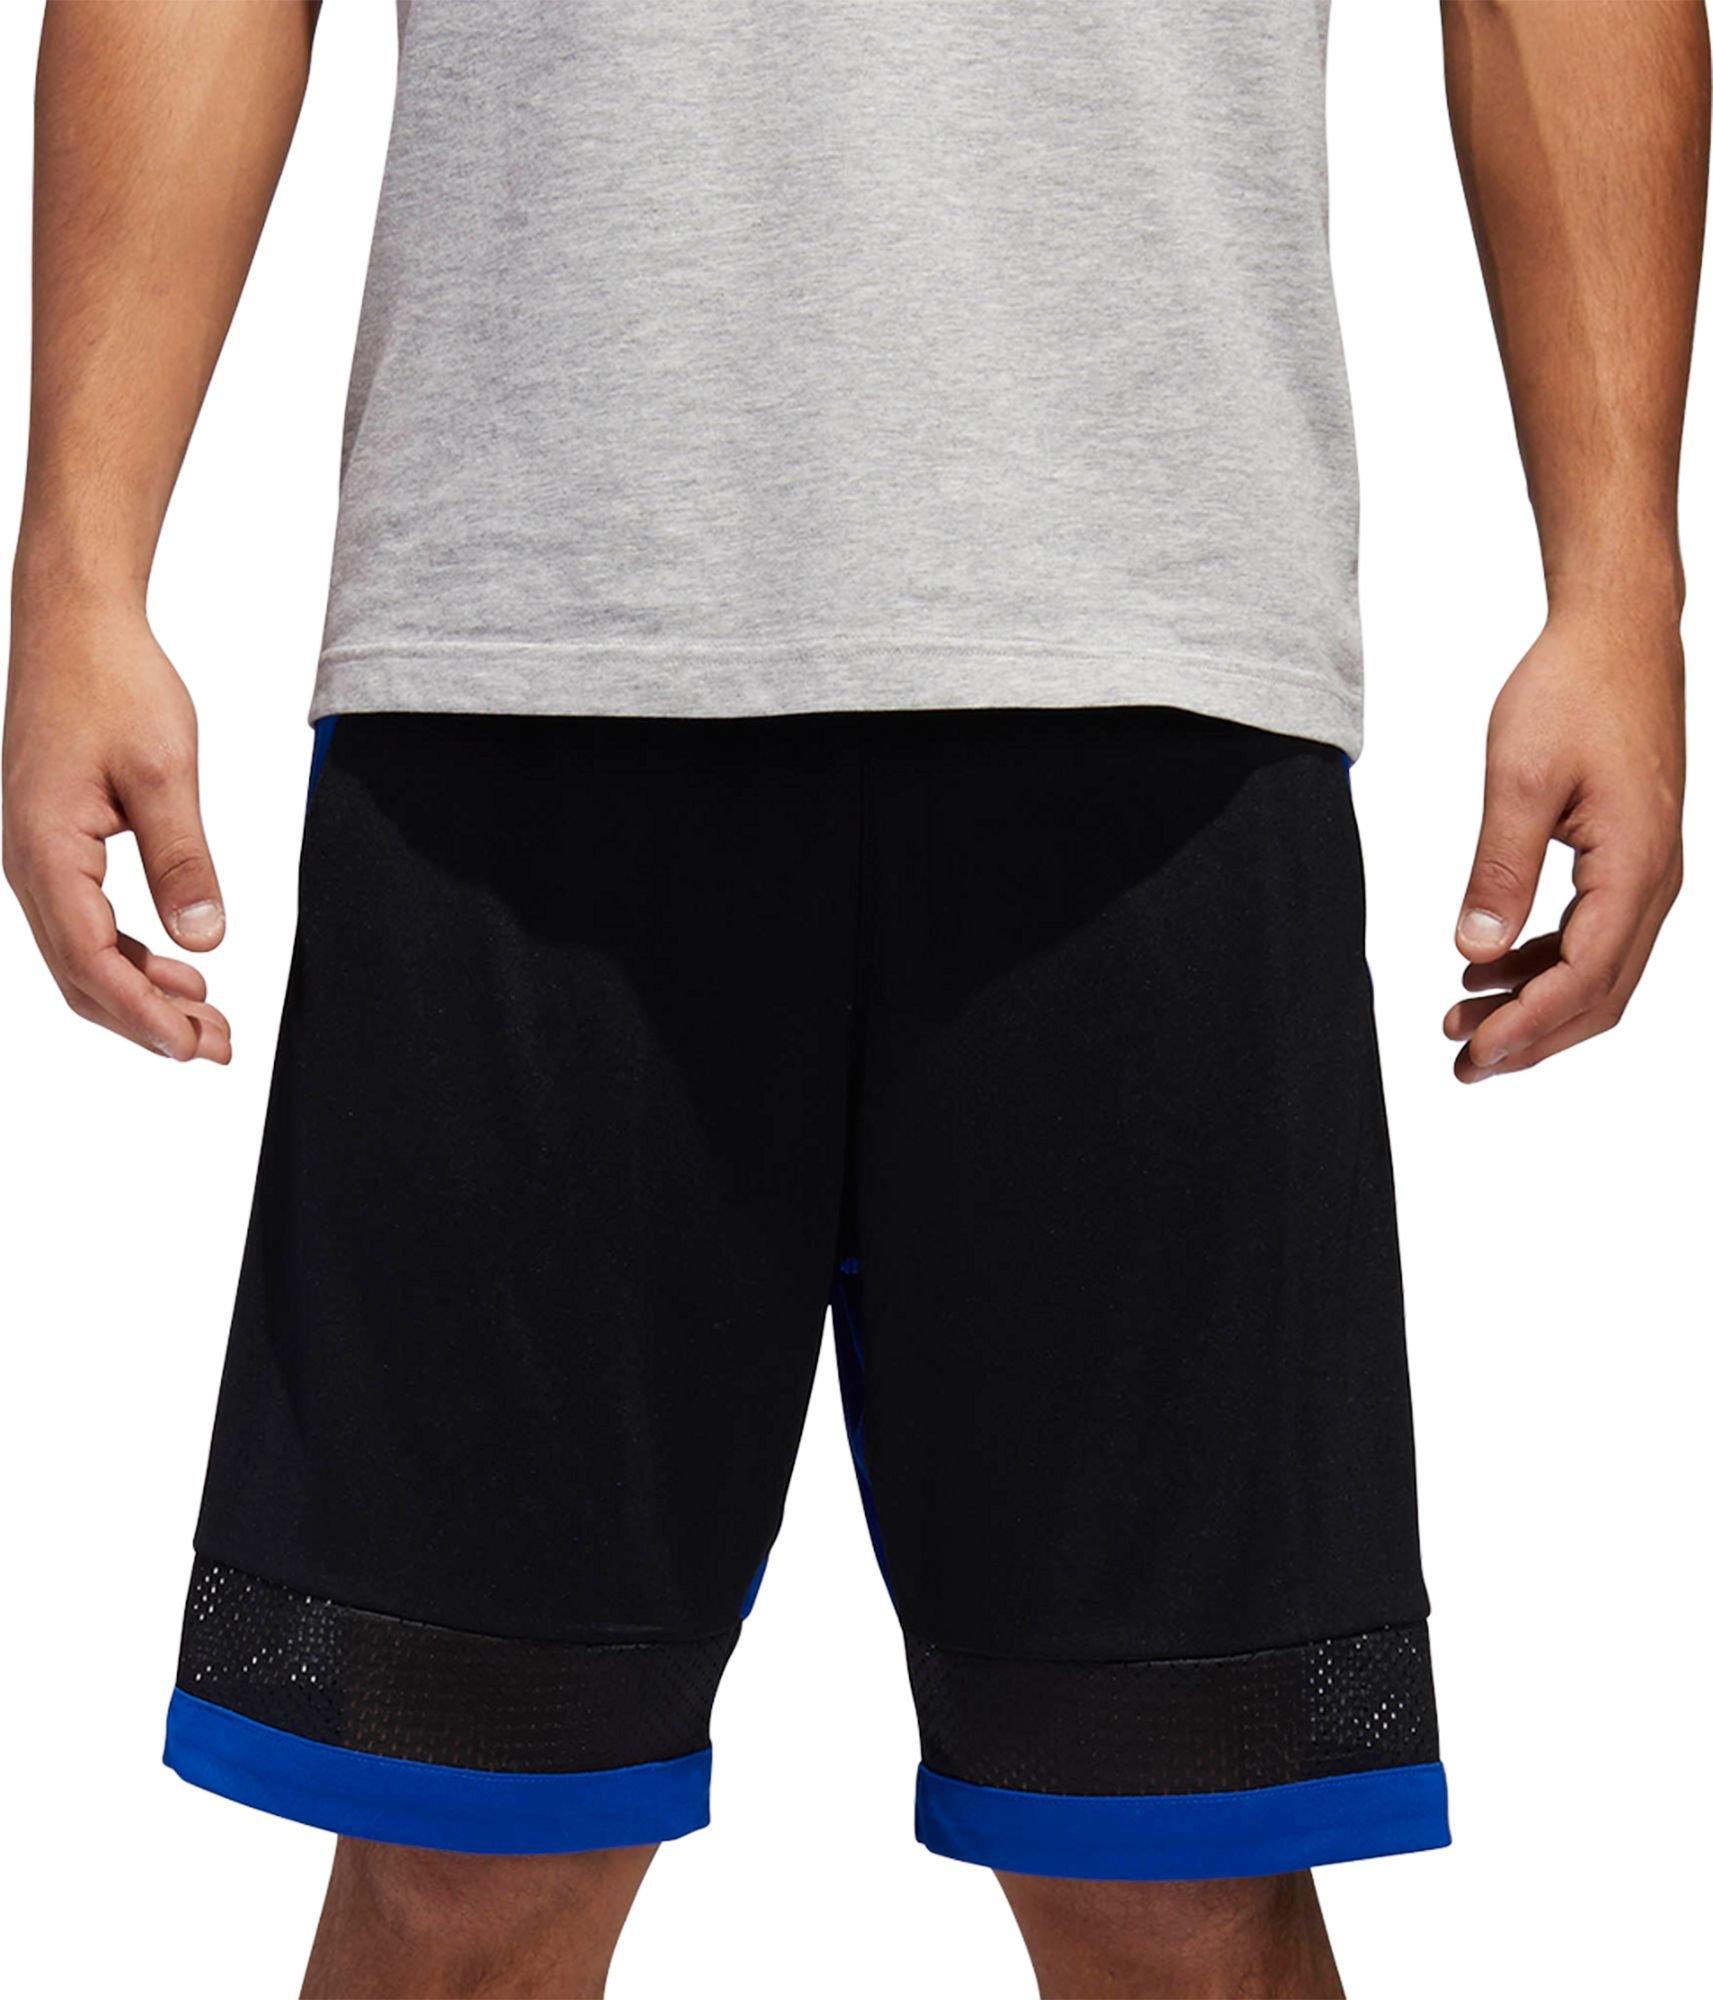 adidas Mens Pro Bounce Basketball Shorts - Black/Coll Royal, Small